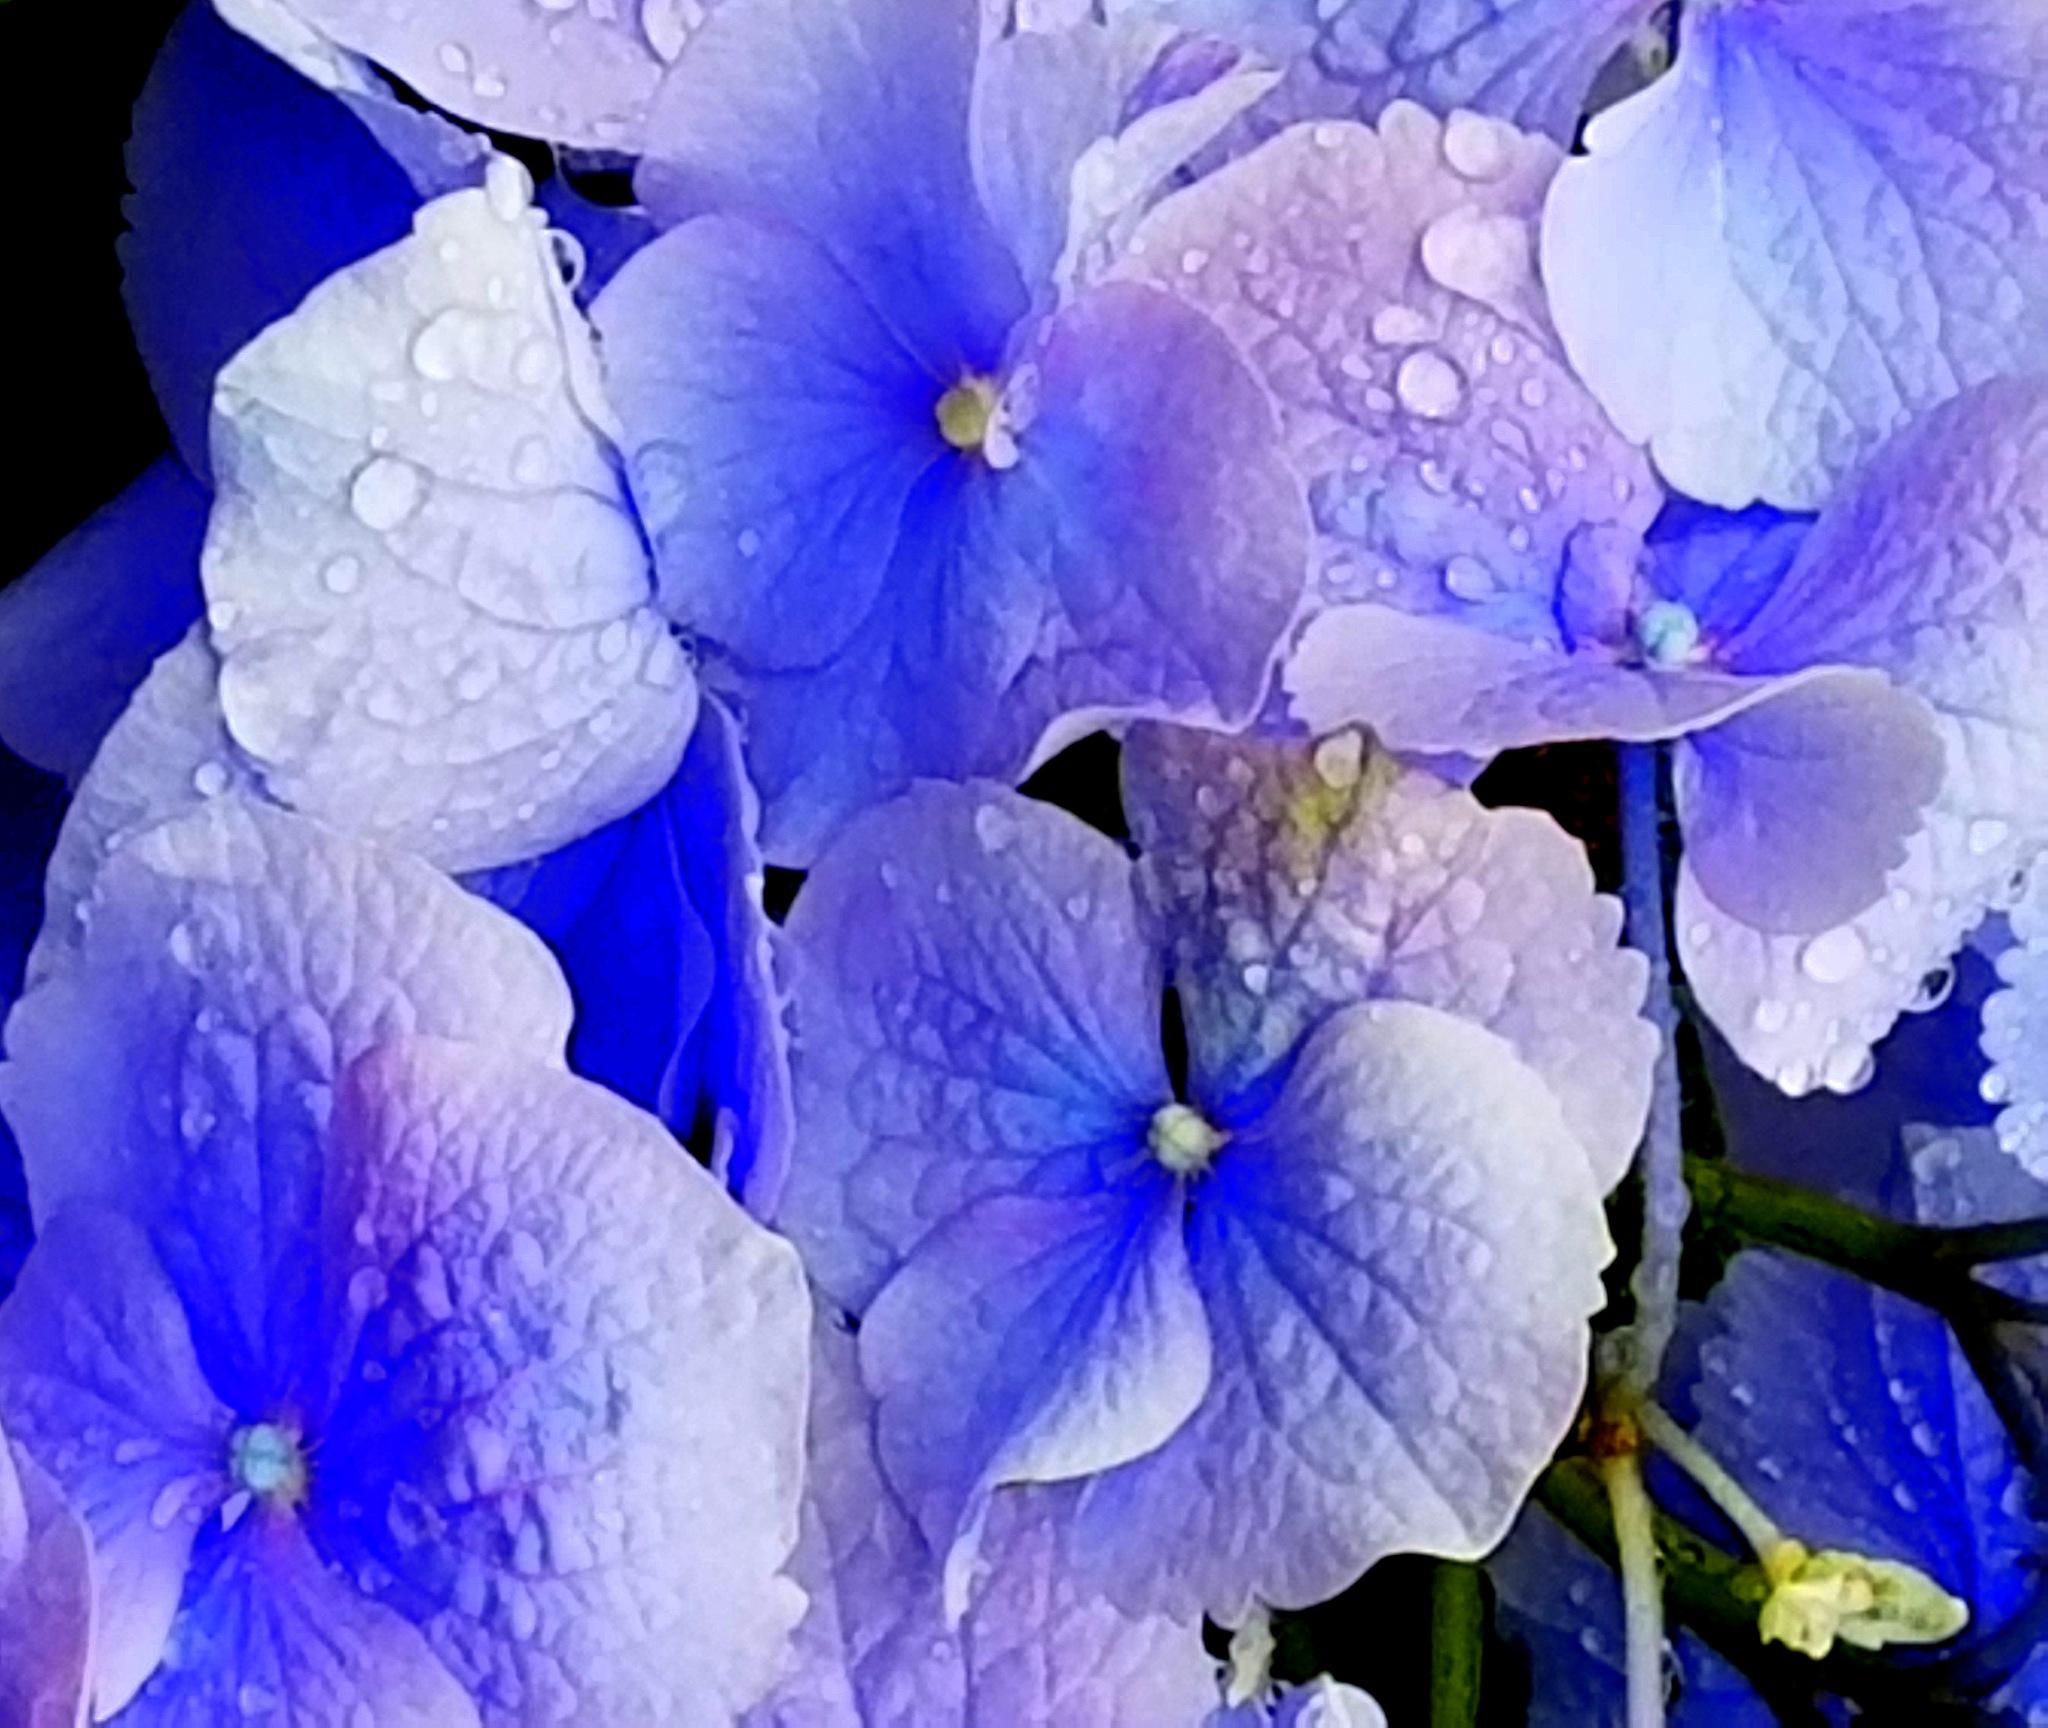 Blue Pettles by mpross1